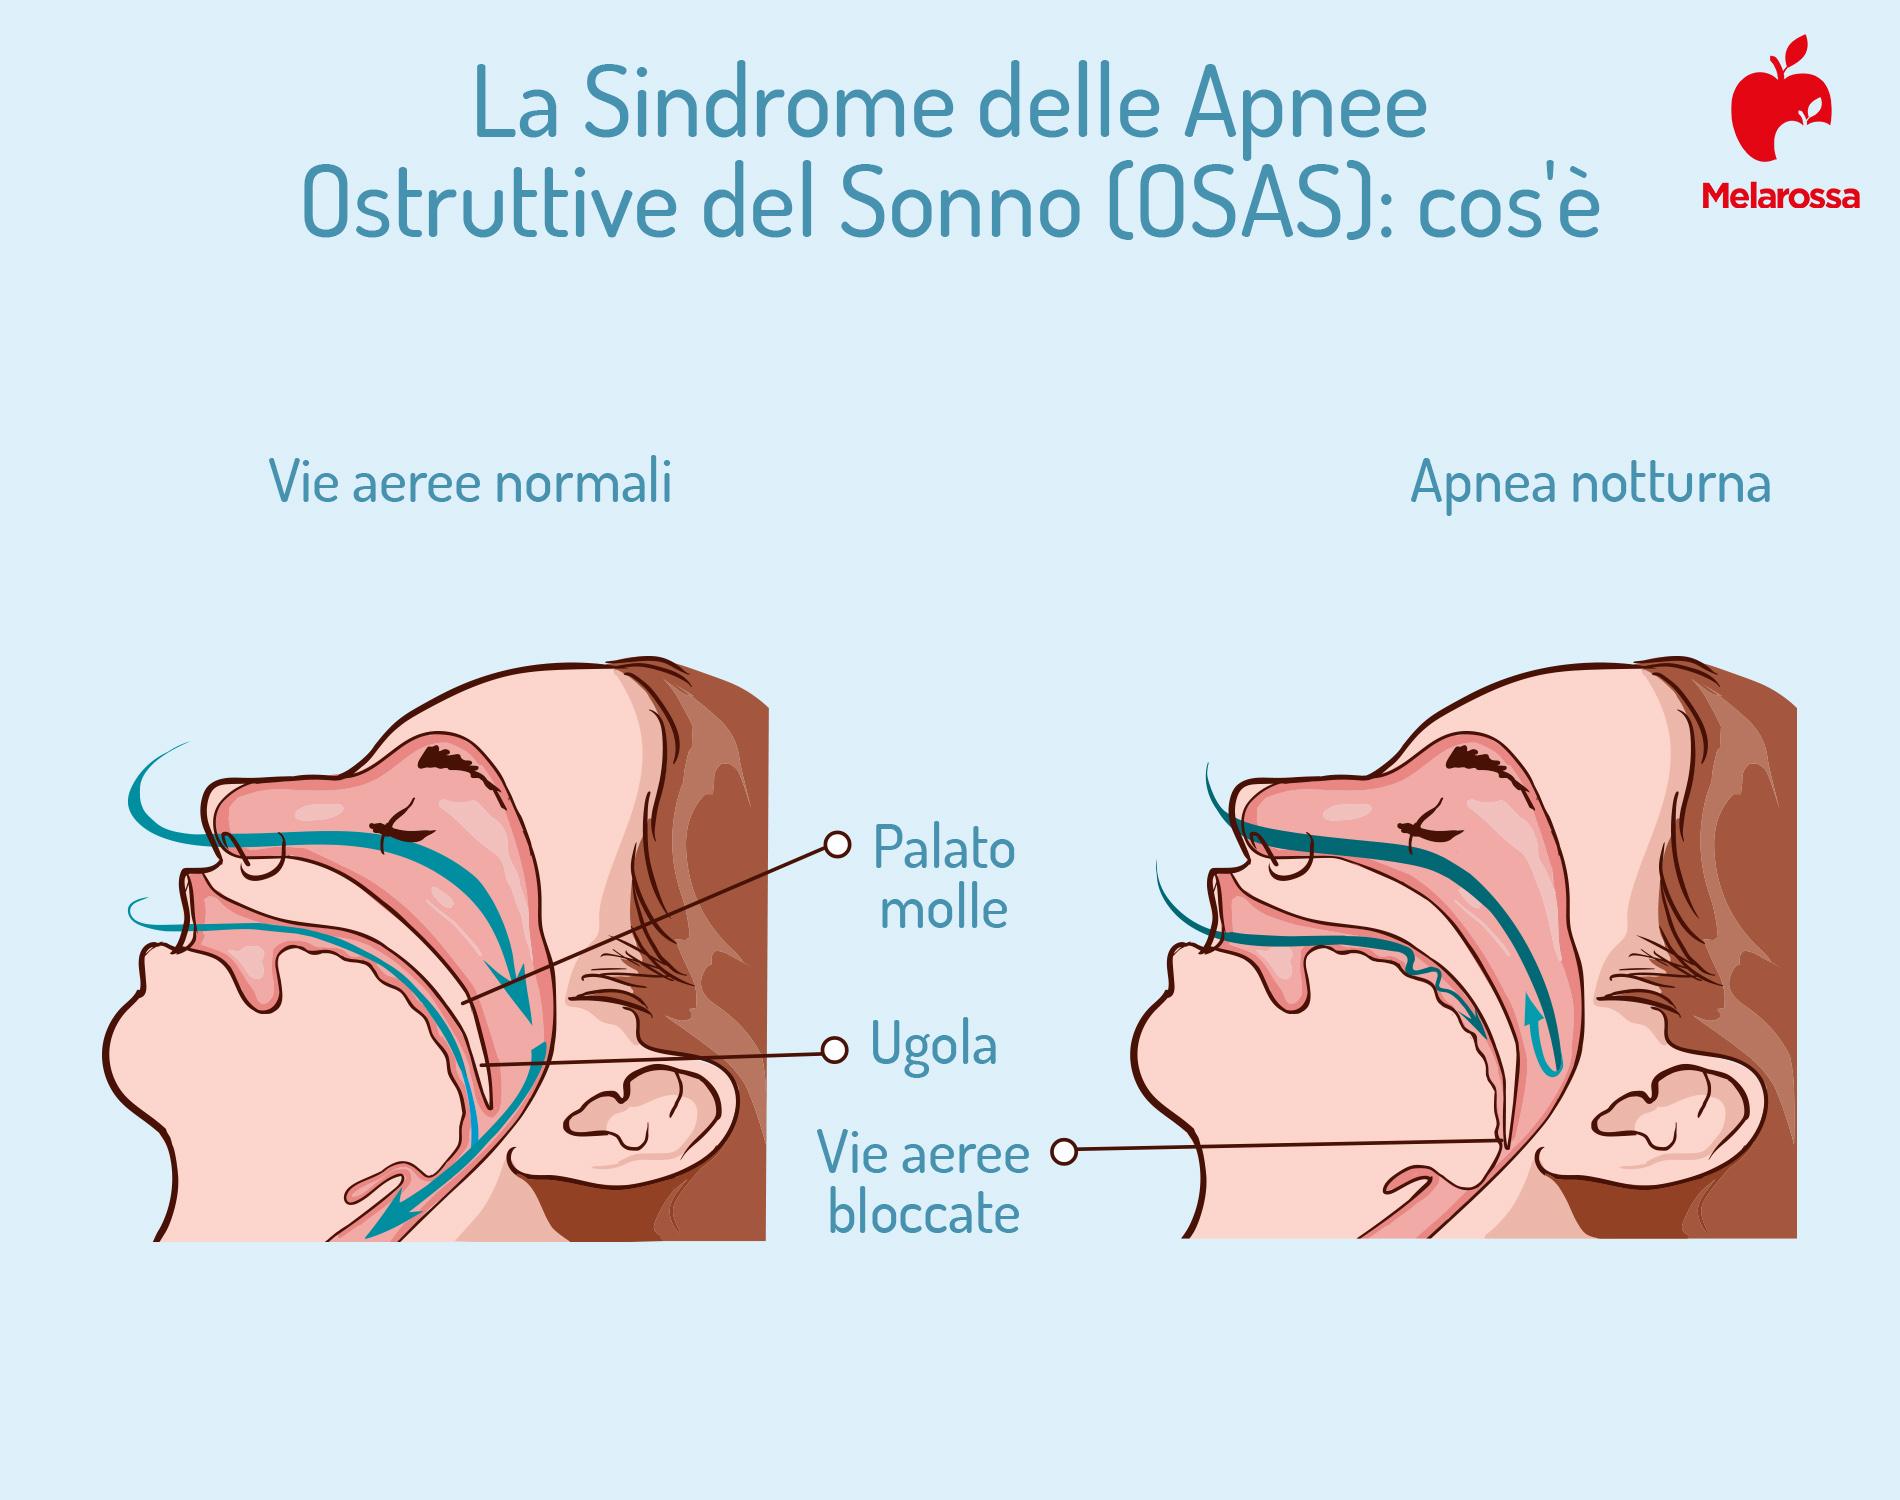 malattie respiratorie: apnea notturna